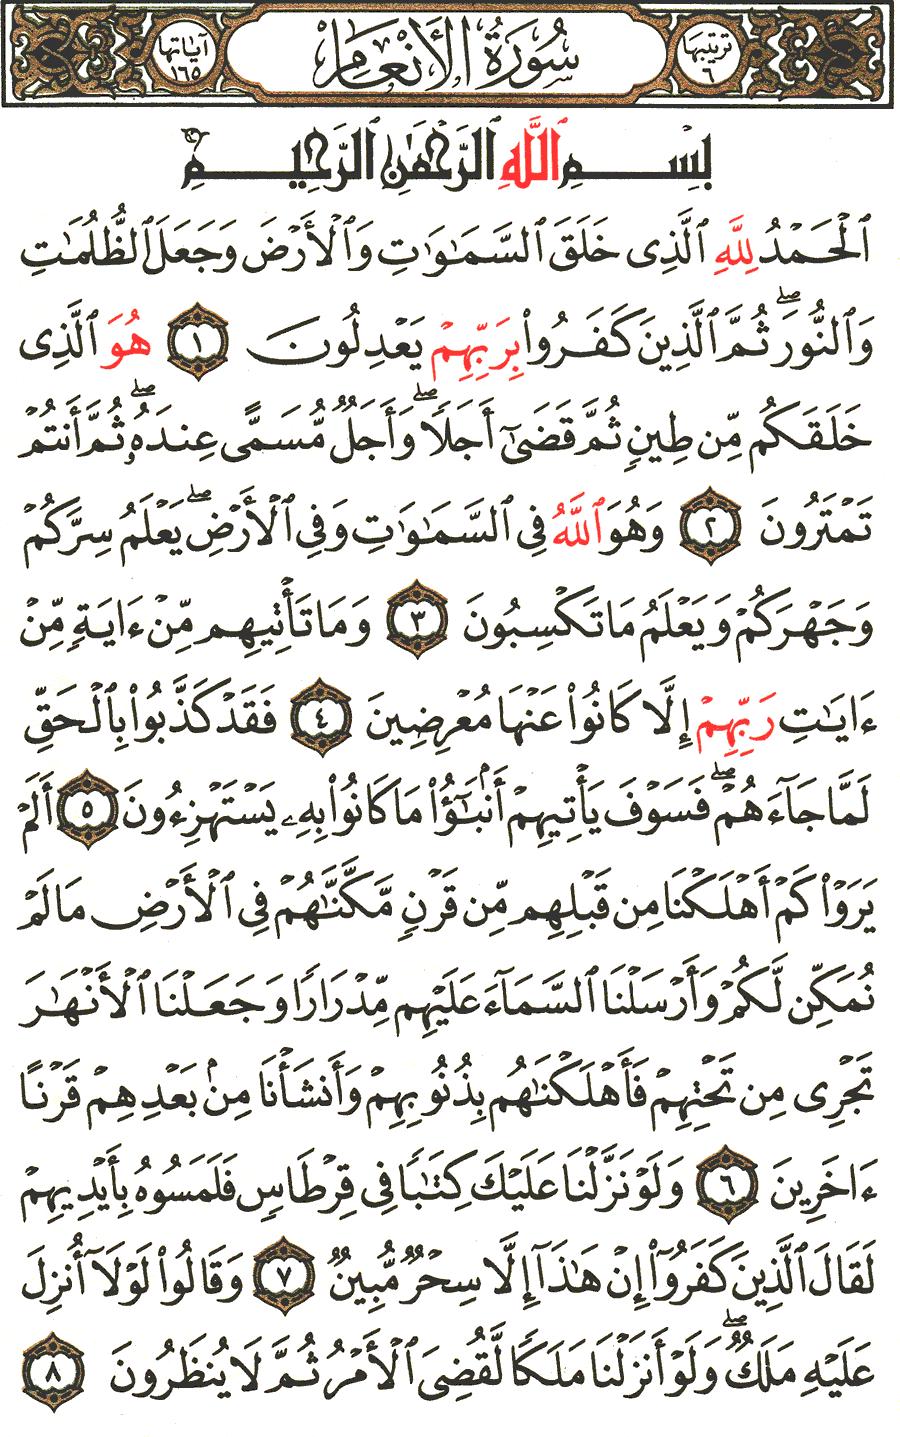 الصفحة رقم 128 من القرآن الكريم مكتوبة من المصحف